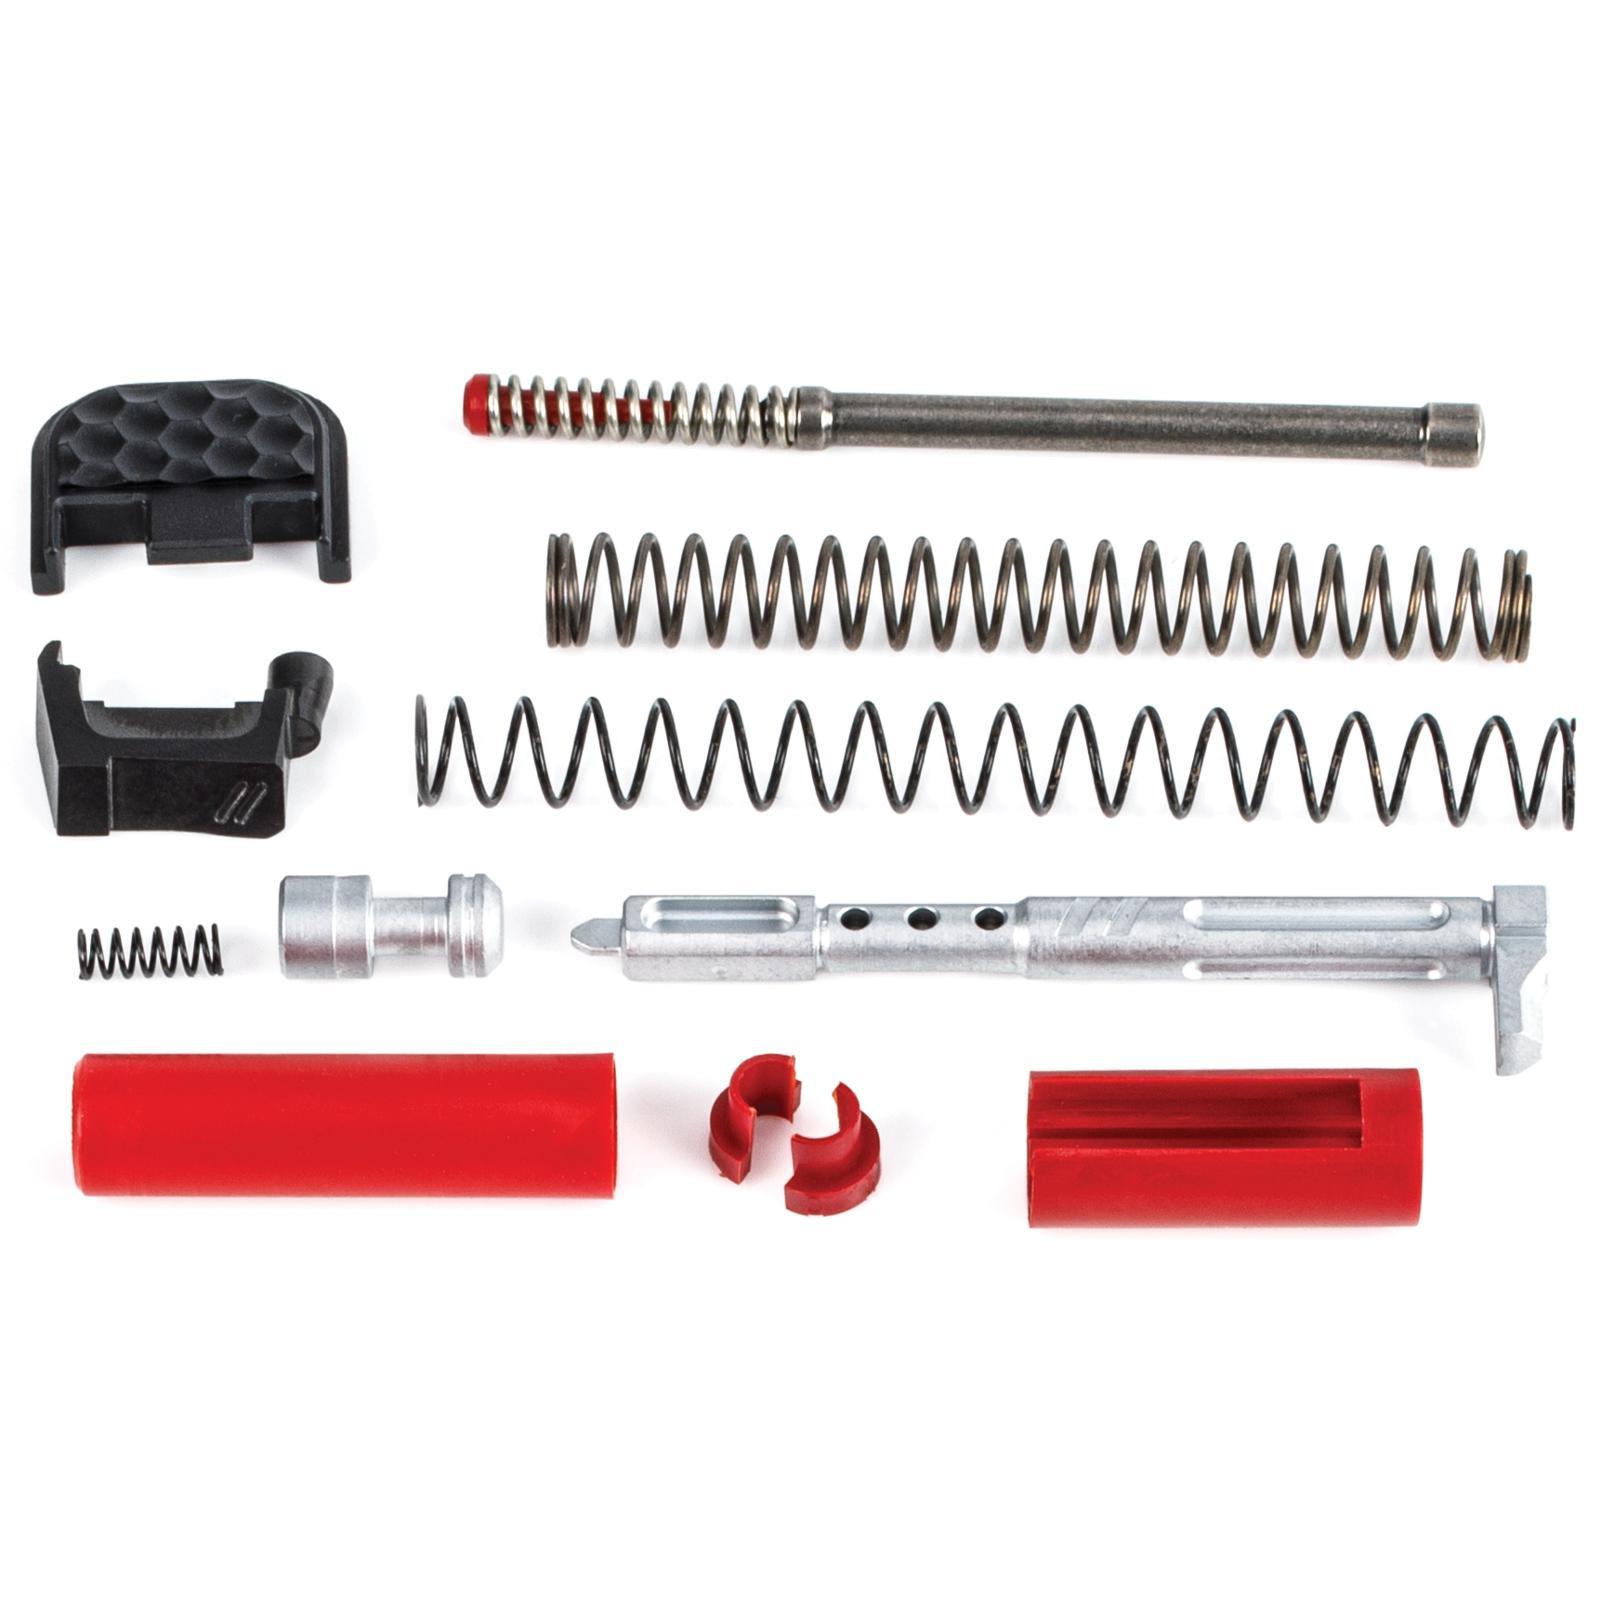 glock slide parts kit